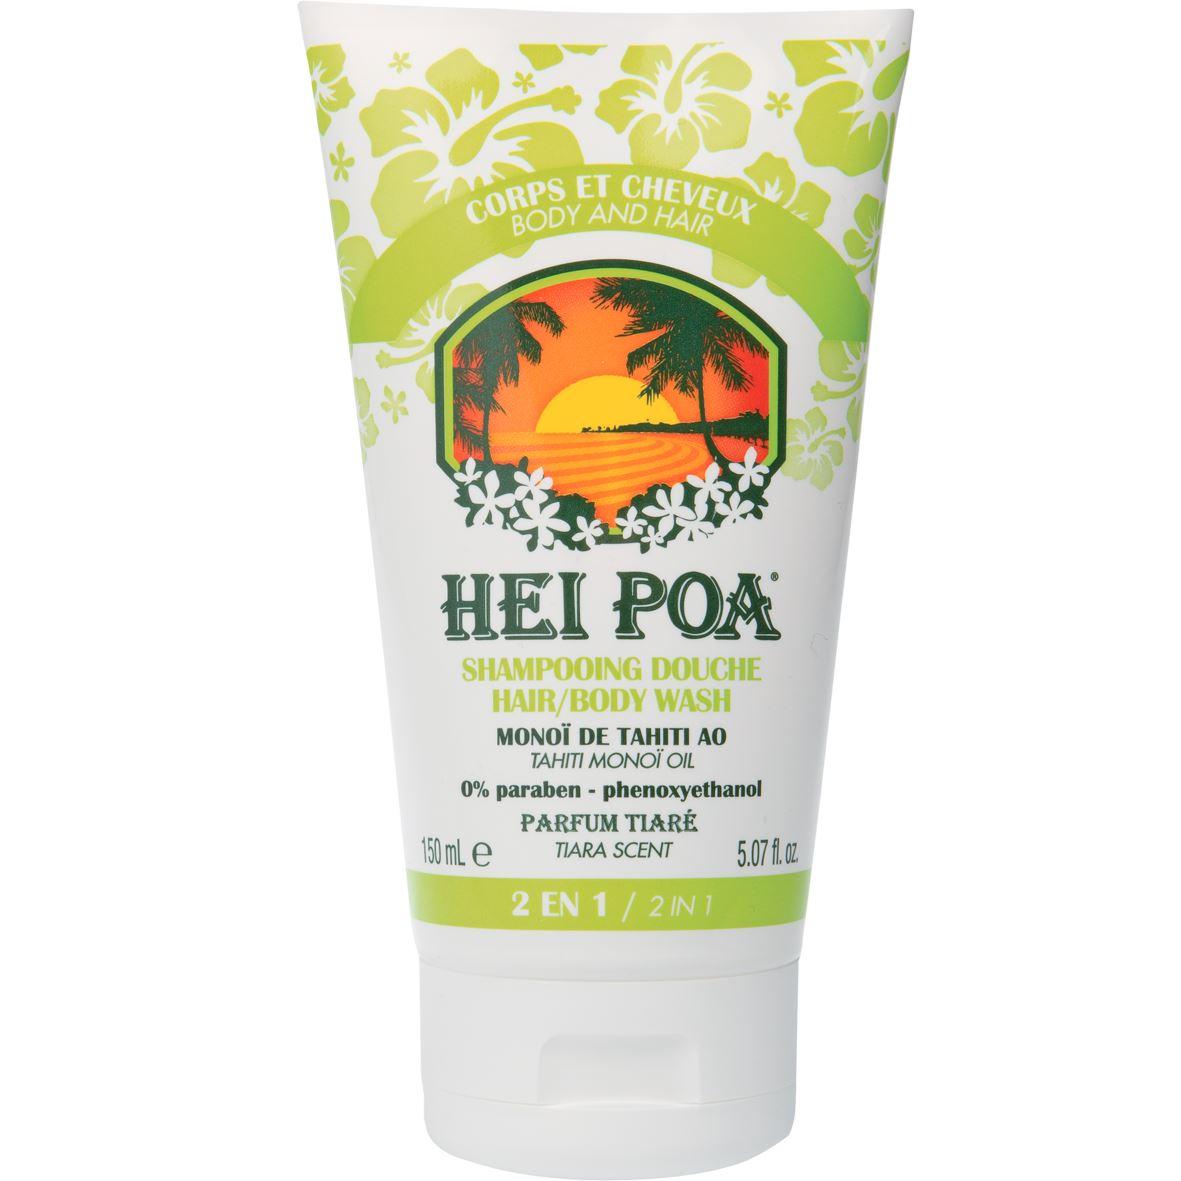 1562868568_shampoo-shower-gel-tiare-150ml-enlarge-jpg